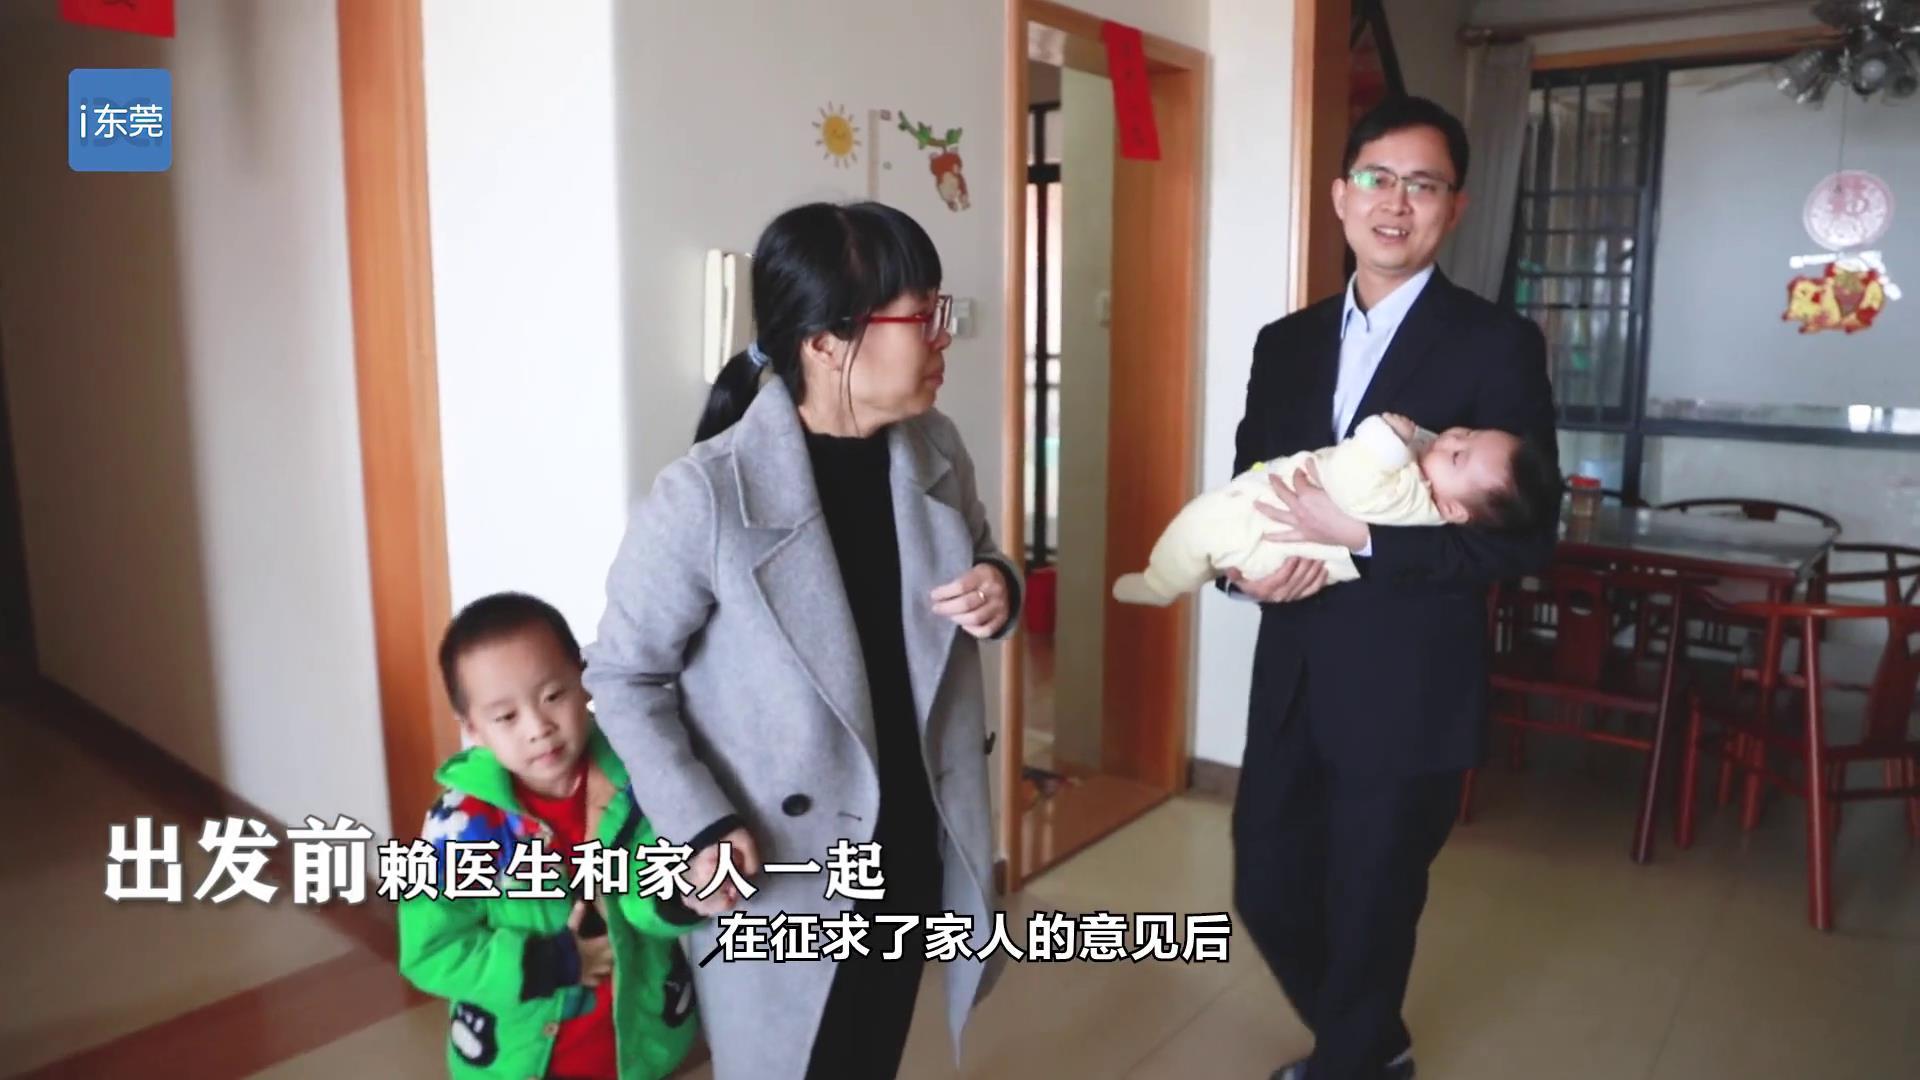 援鄂医生赖海峰:万一感染最怕拖累家里人